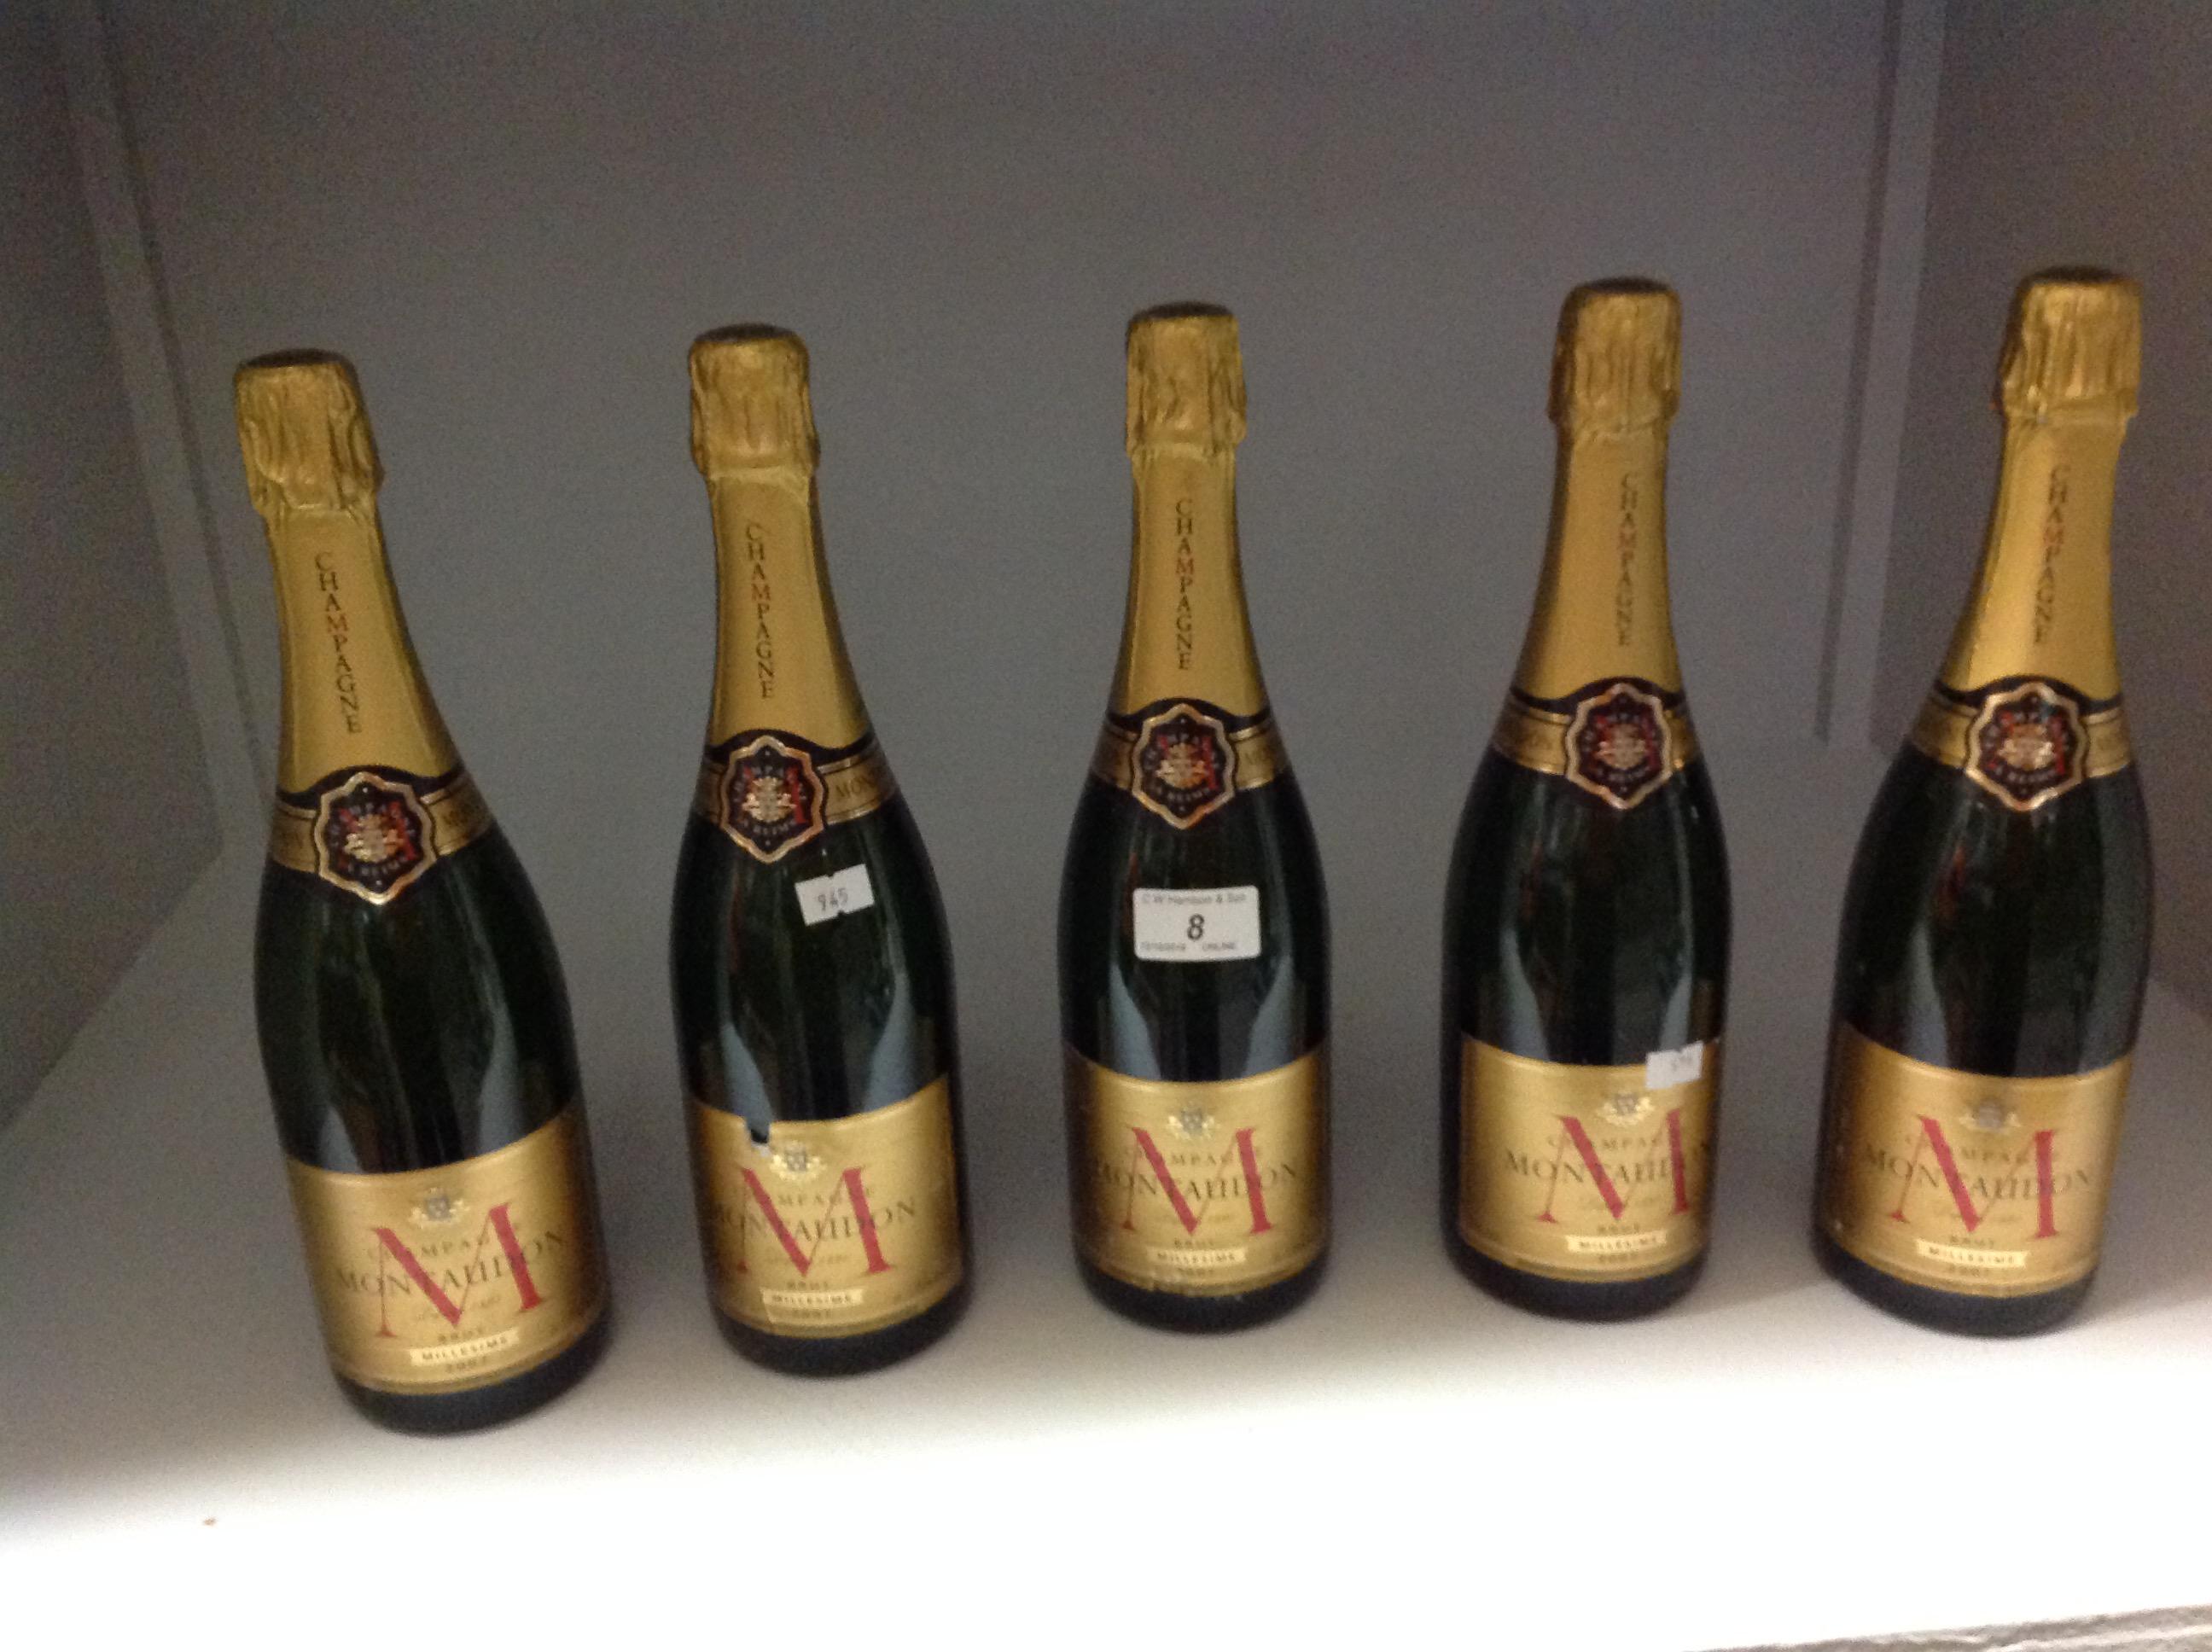 Lot 8 - 5 x 750ml bottles Montaudon 2007 Brut Mi